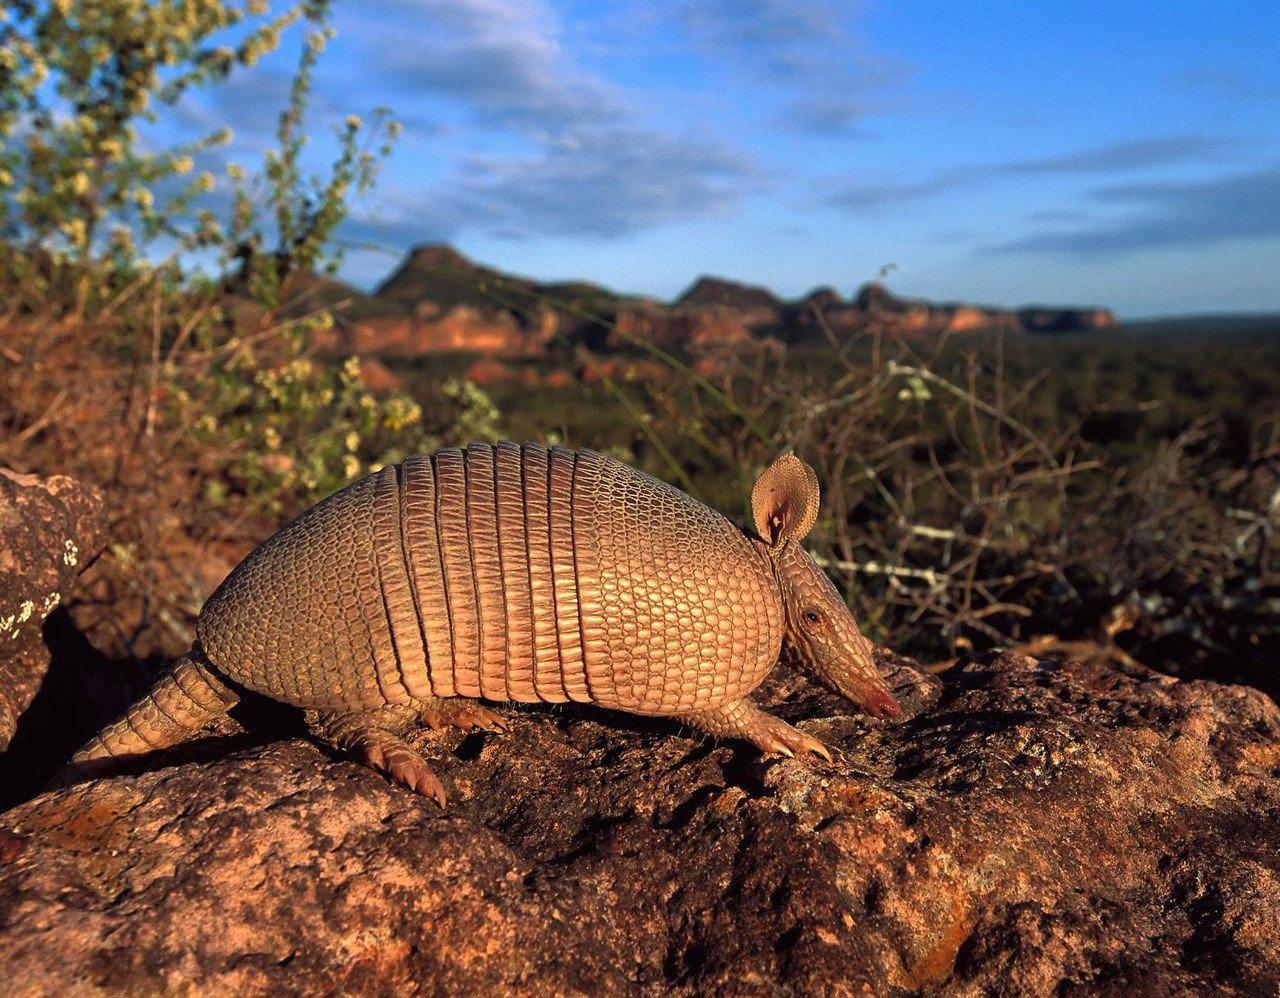 нас фото животных южной америки теплых